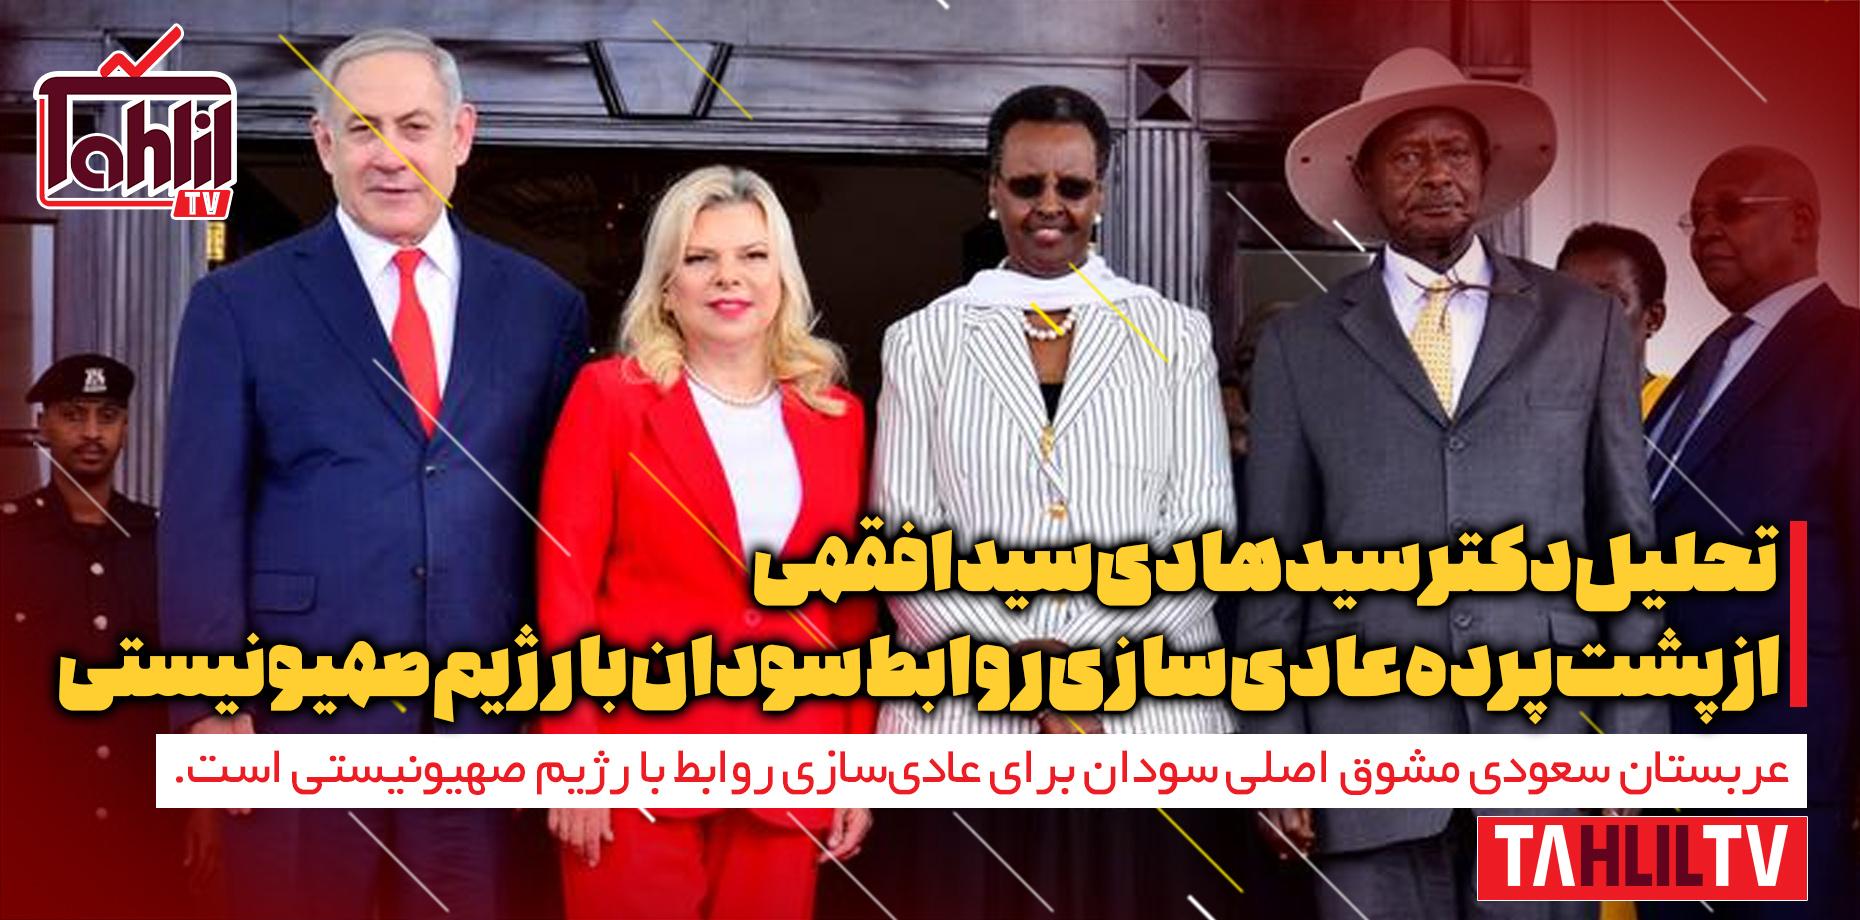 پشتپرده عادیسازی روابط سودان با رژیمصهیونیستی